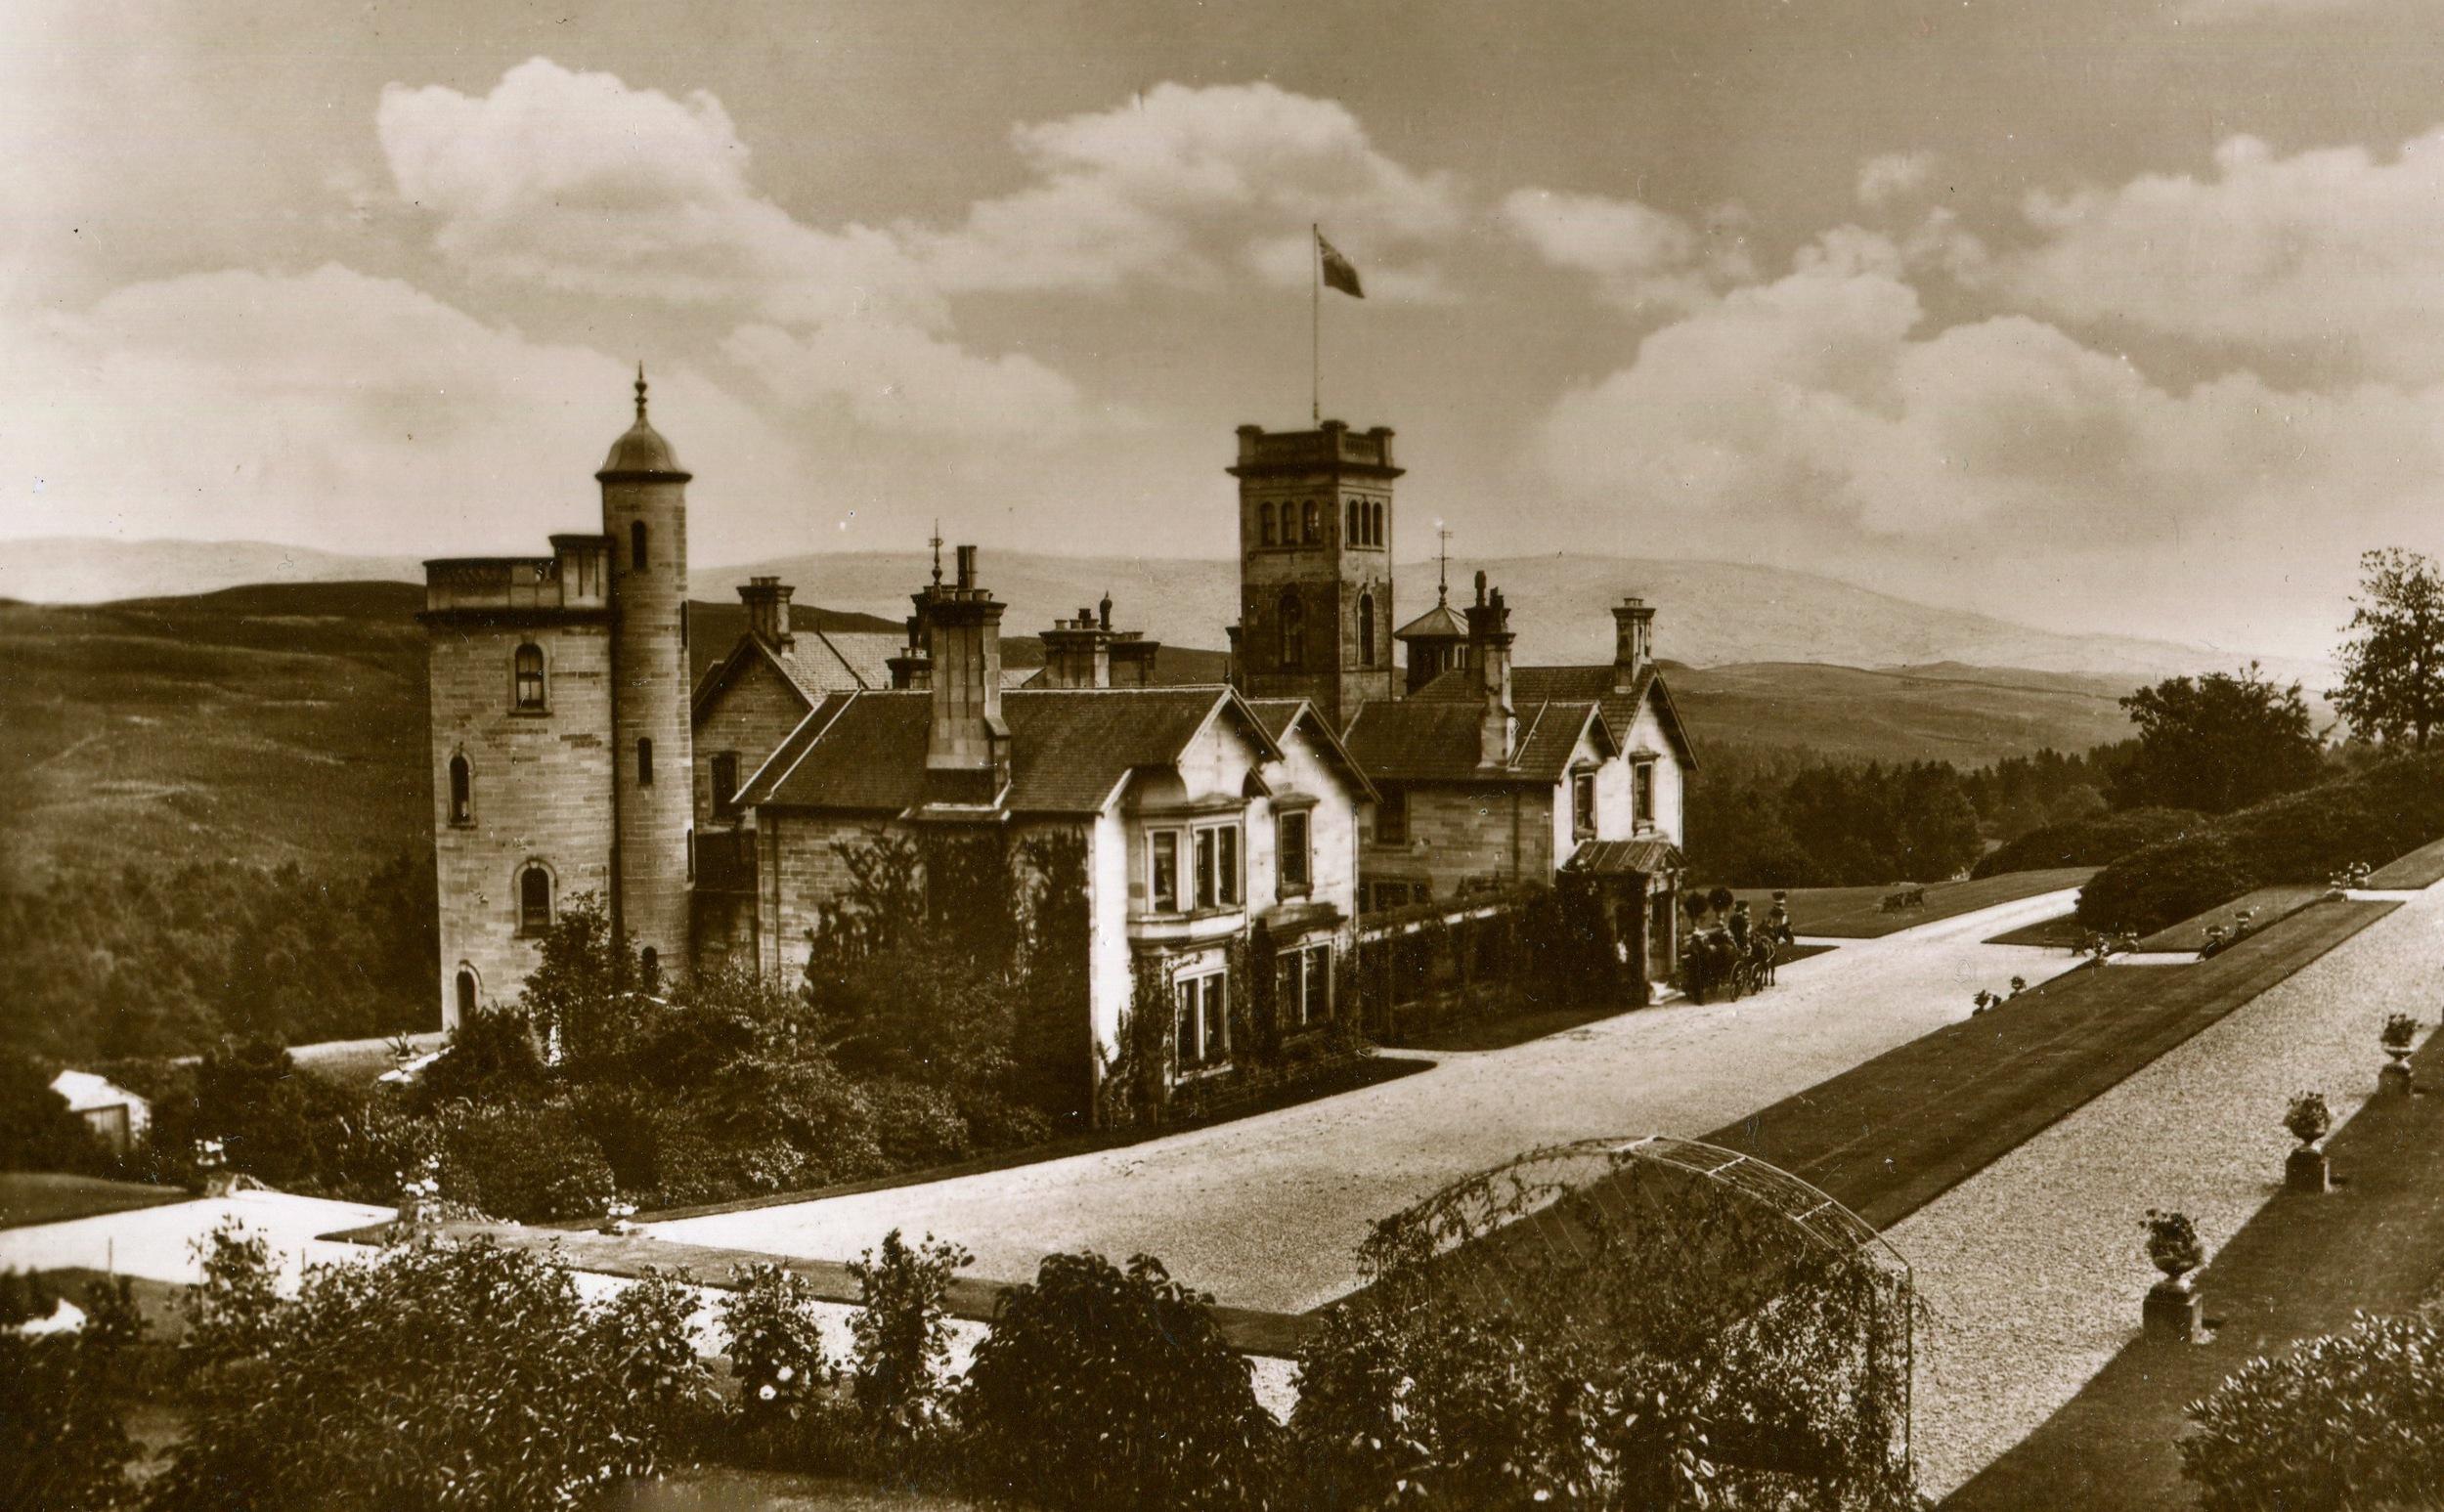 Auchen Castle, Scotland